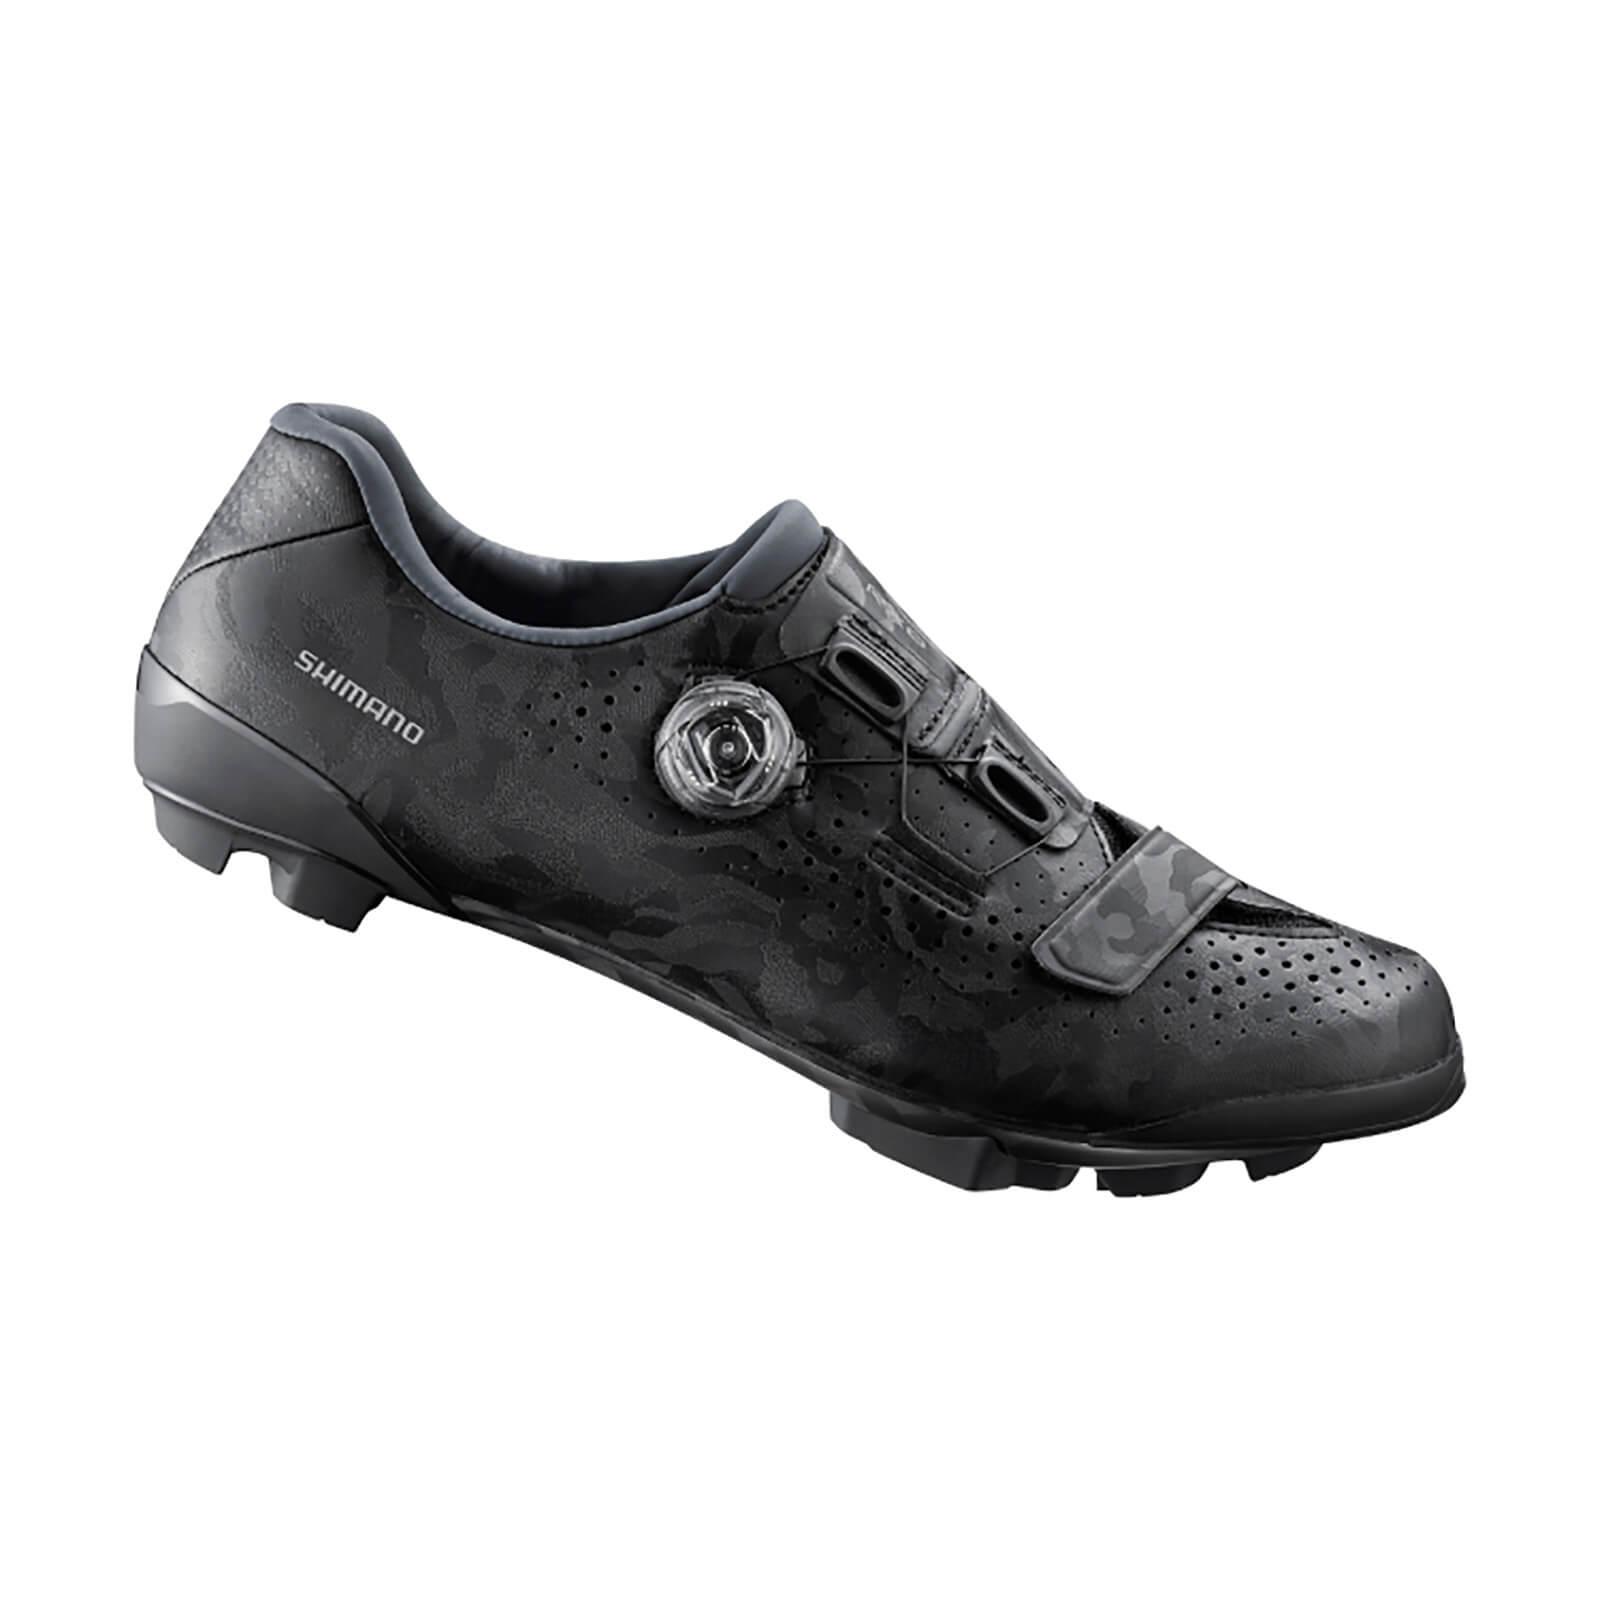 Shimano SH-RX800 Gravel Shoes - EU 44